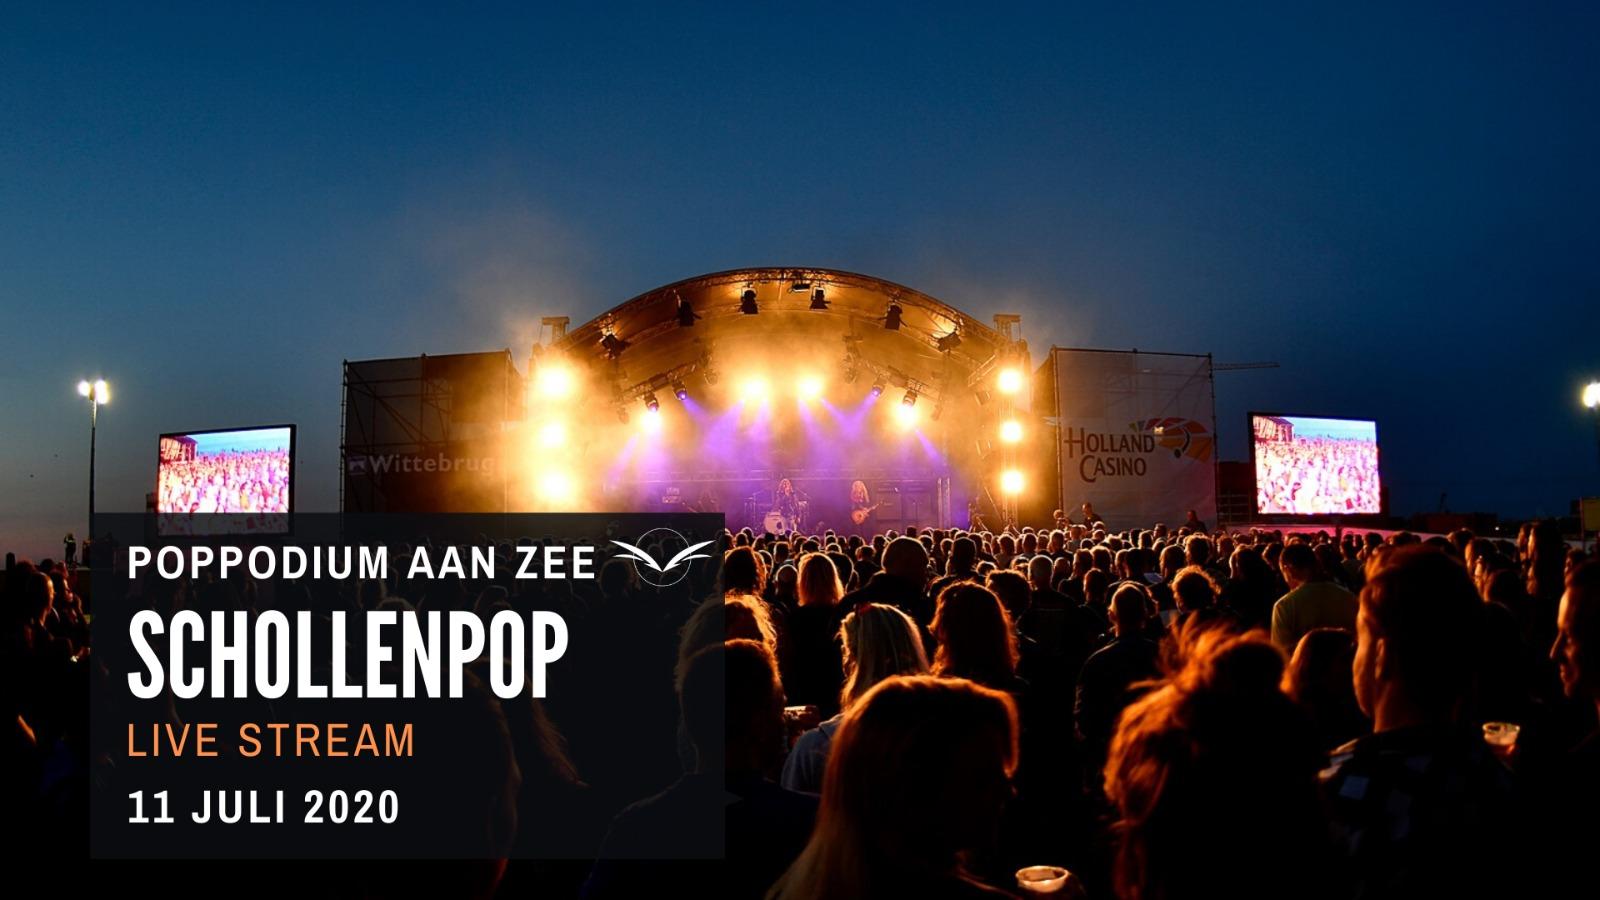 Poppodium Aan Zee presenteert: Livestream Schollenpop Festival